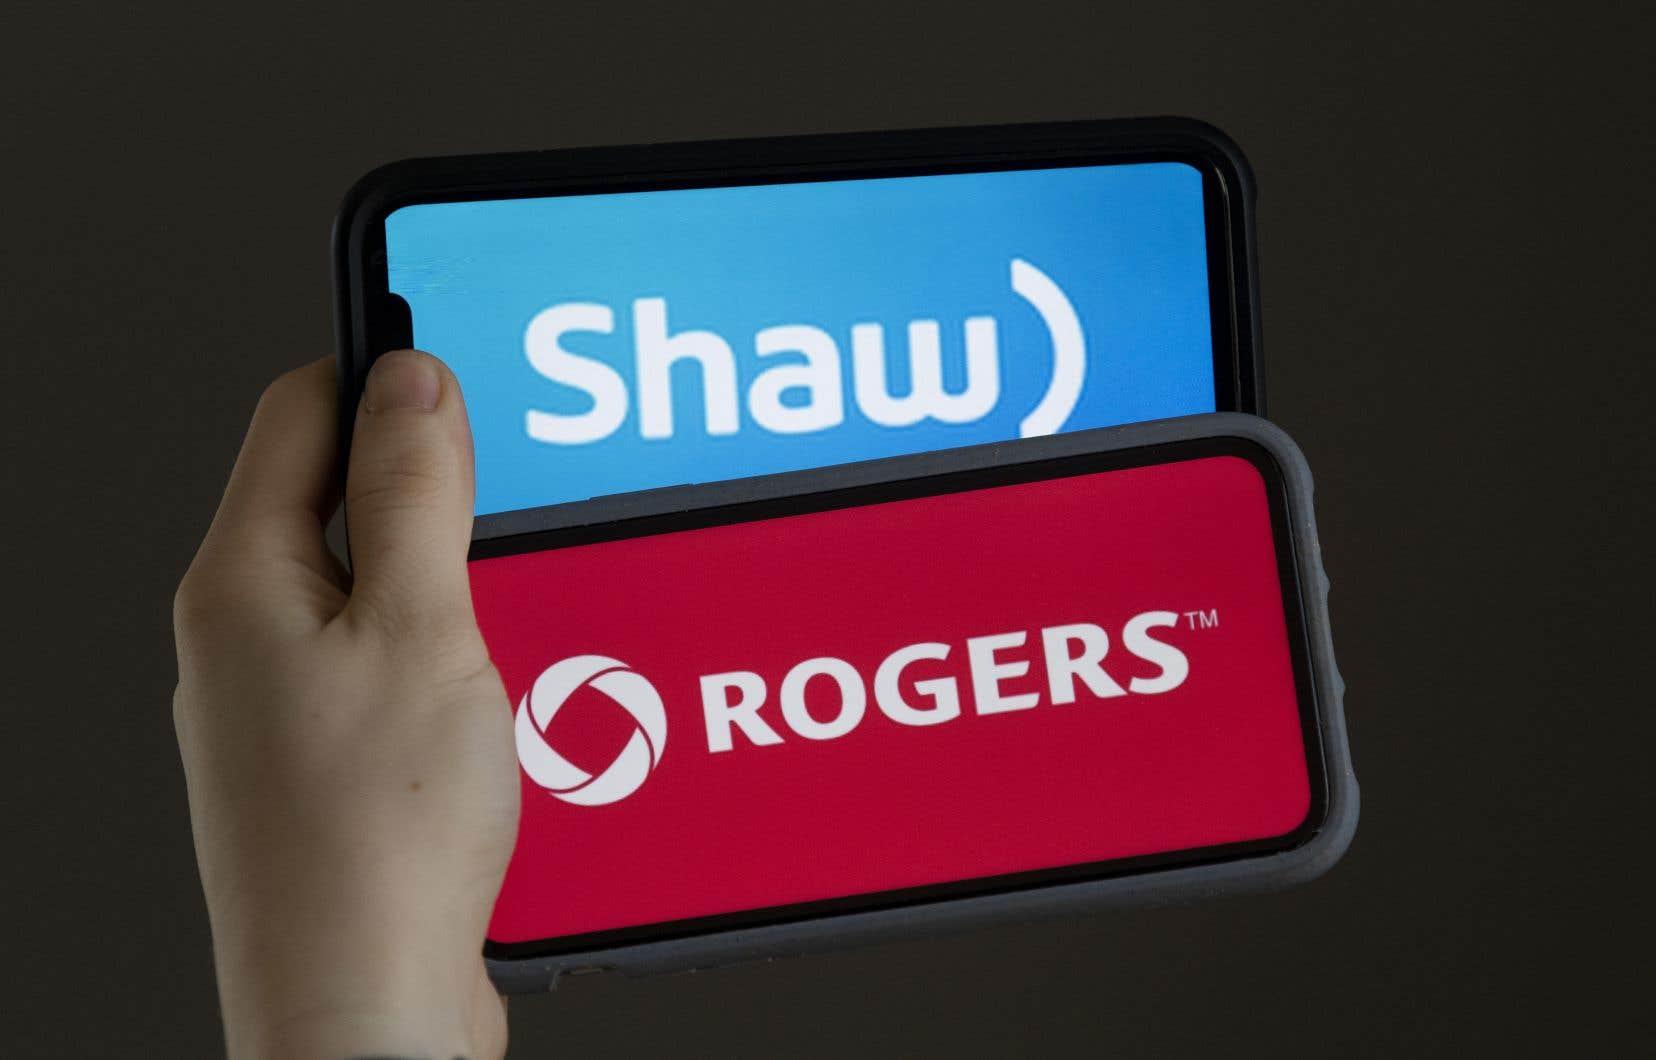 «Comme condition à la conclusion de l'acquisition de Shaw, Rogers devrait avoir l'obligation de se départir entièrement des actifs sans fil de Freedom Mobile», estime Pierre Karl Péladeau